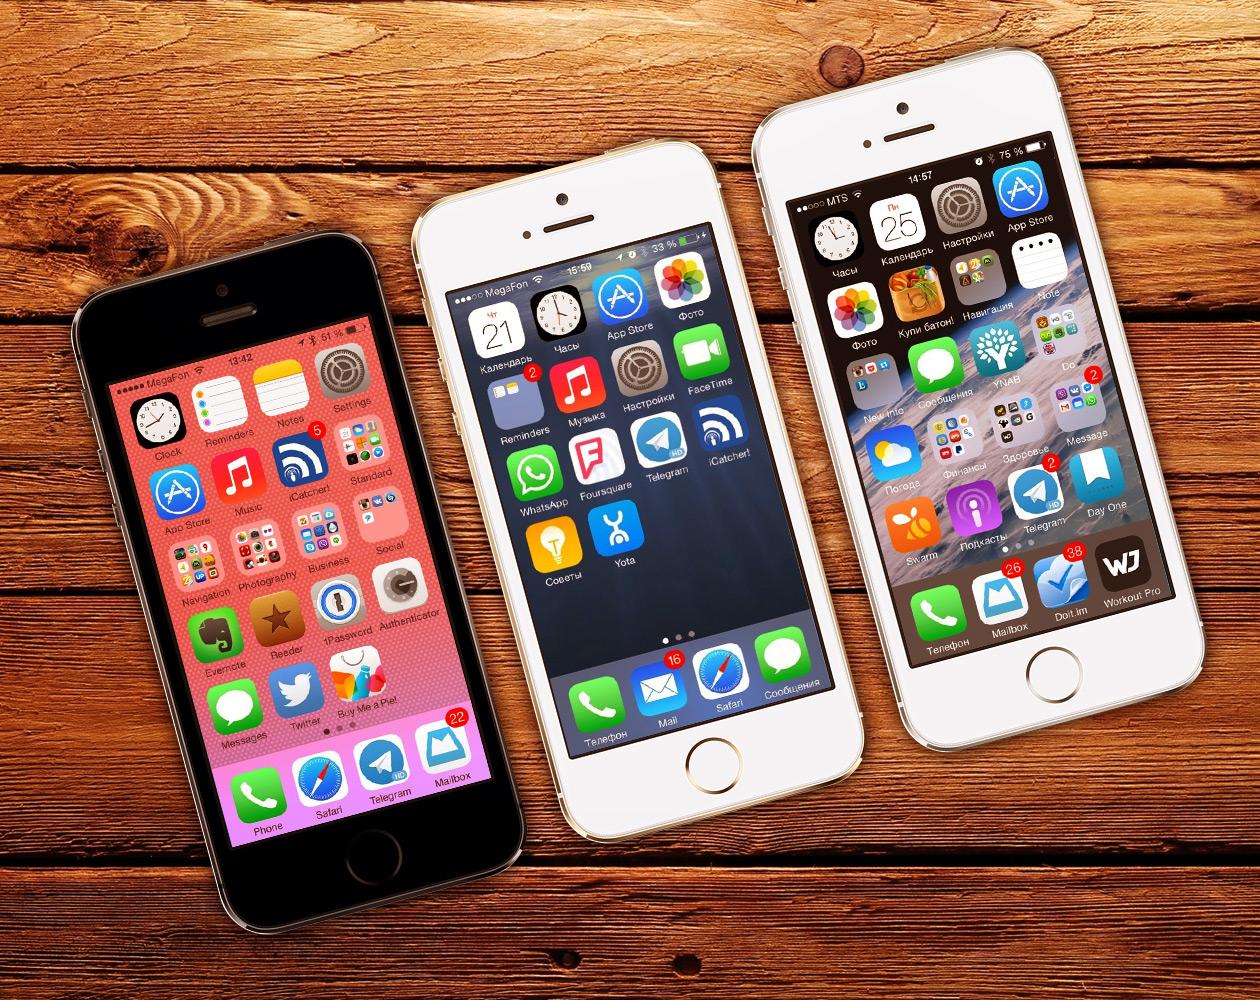 Что установлено на главном экране iPhone у редакций Макрадара и Лайфхакера